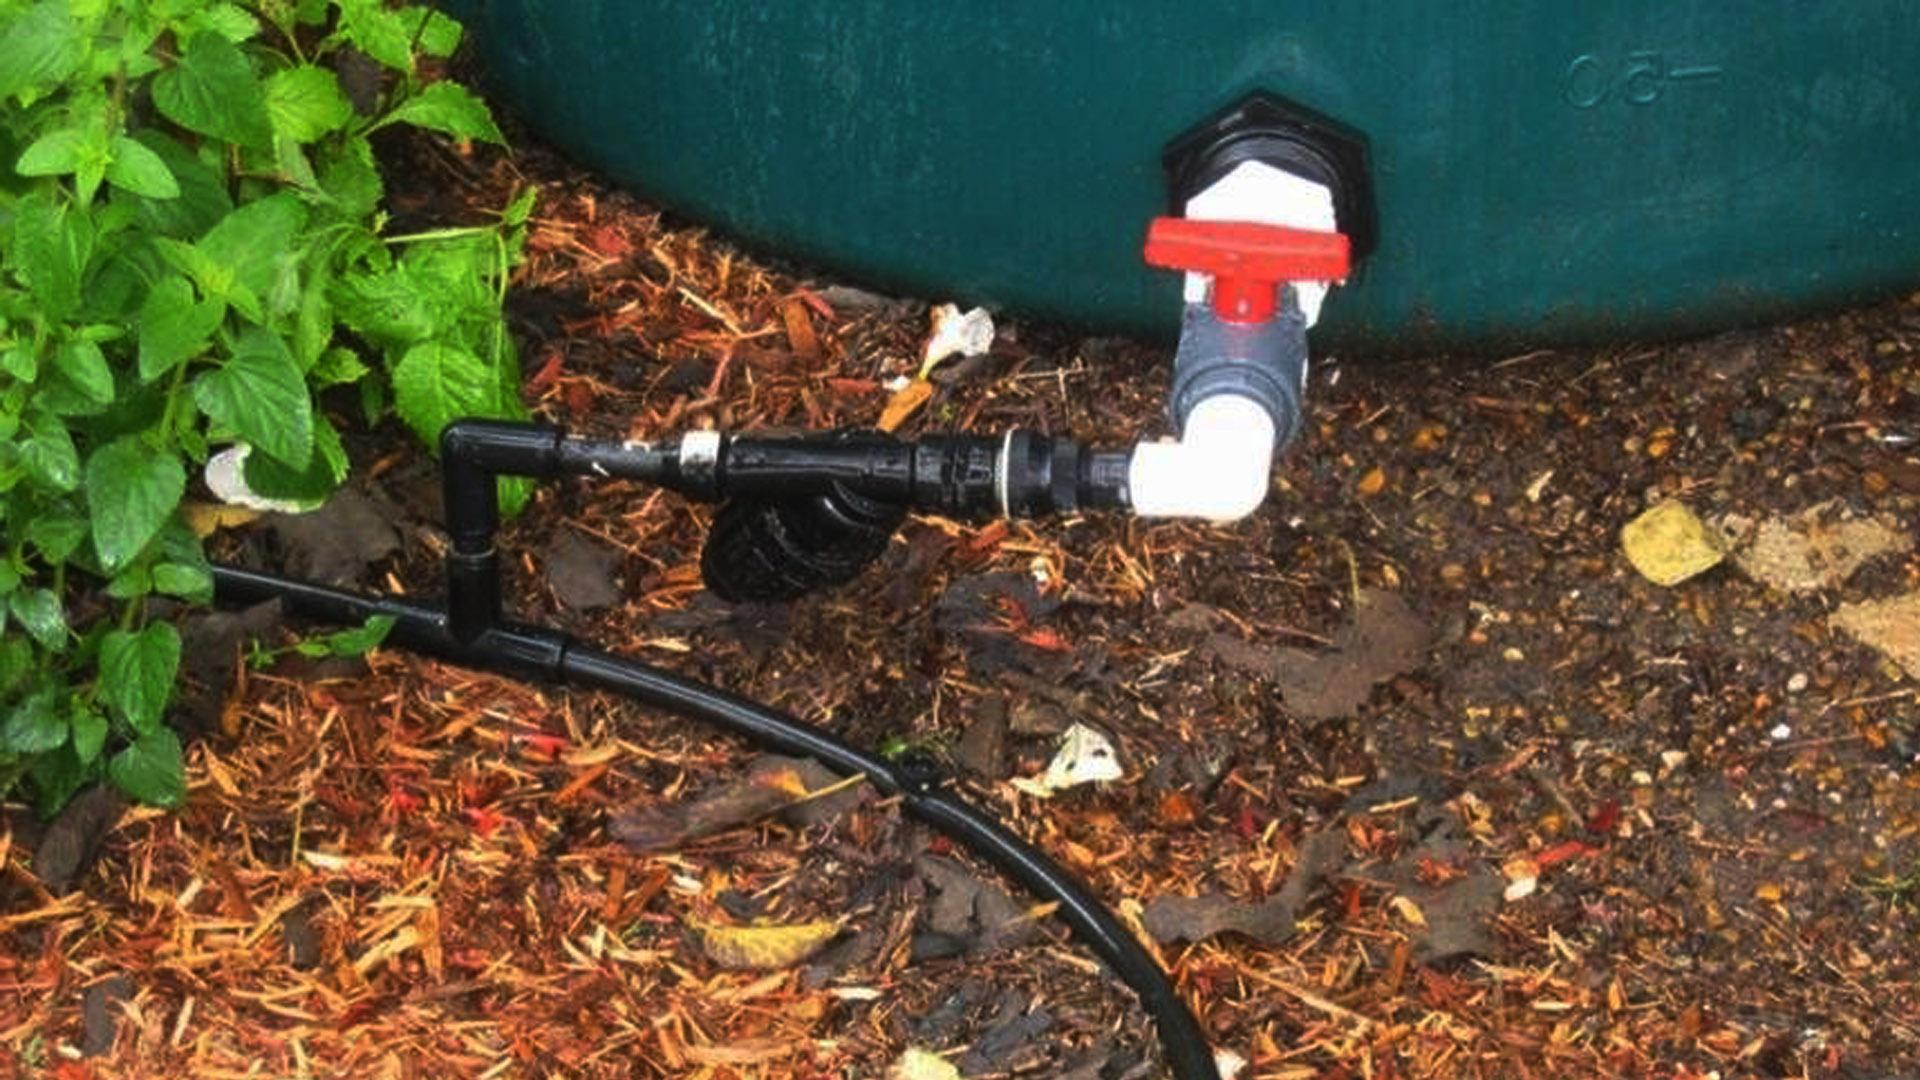 Капельный полив для накопительных емкостей с водой